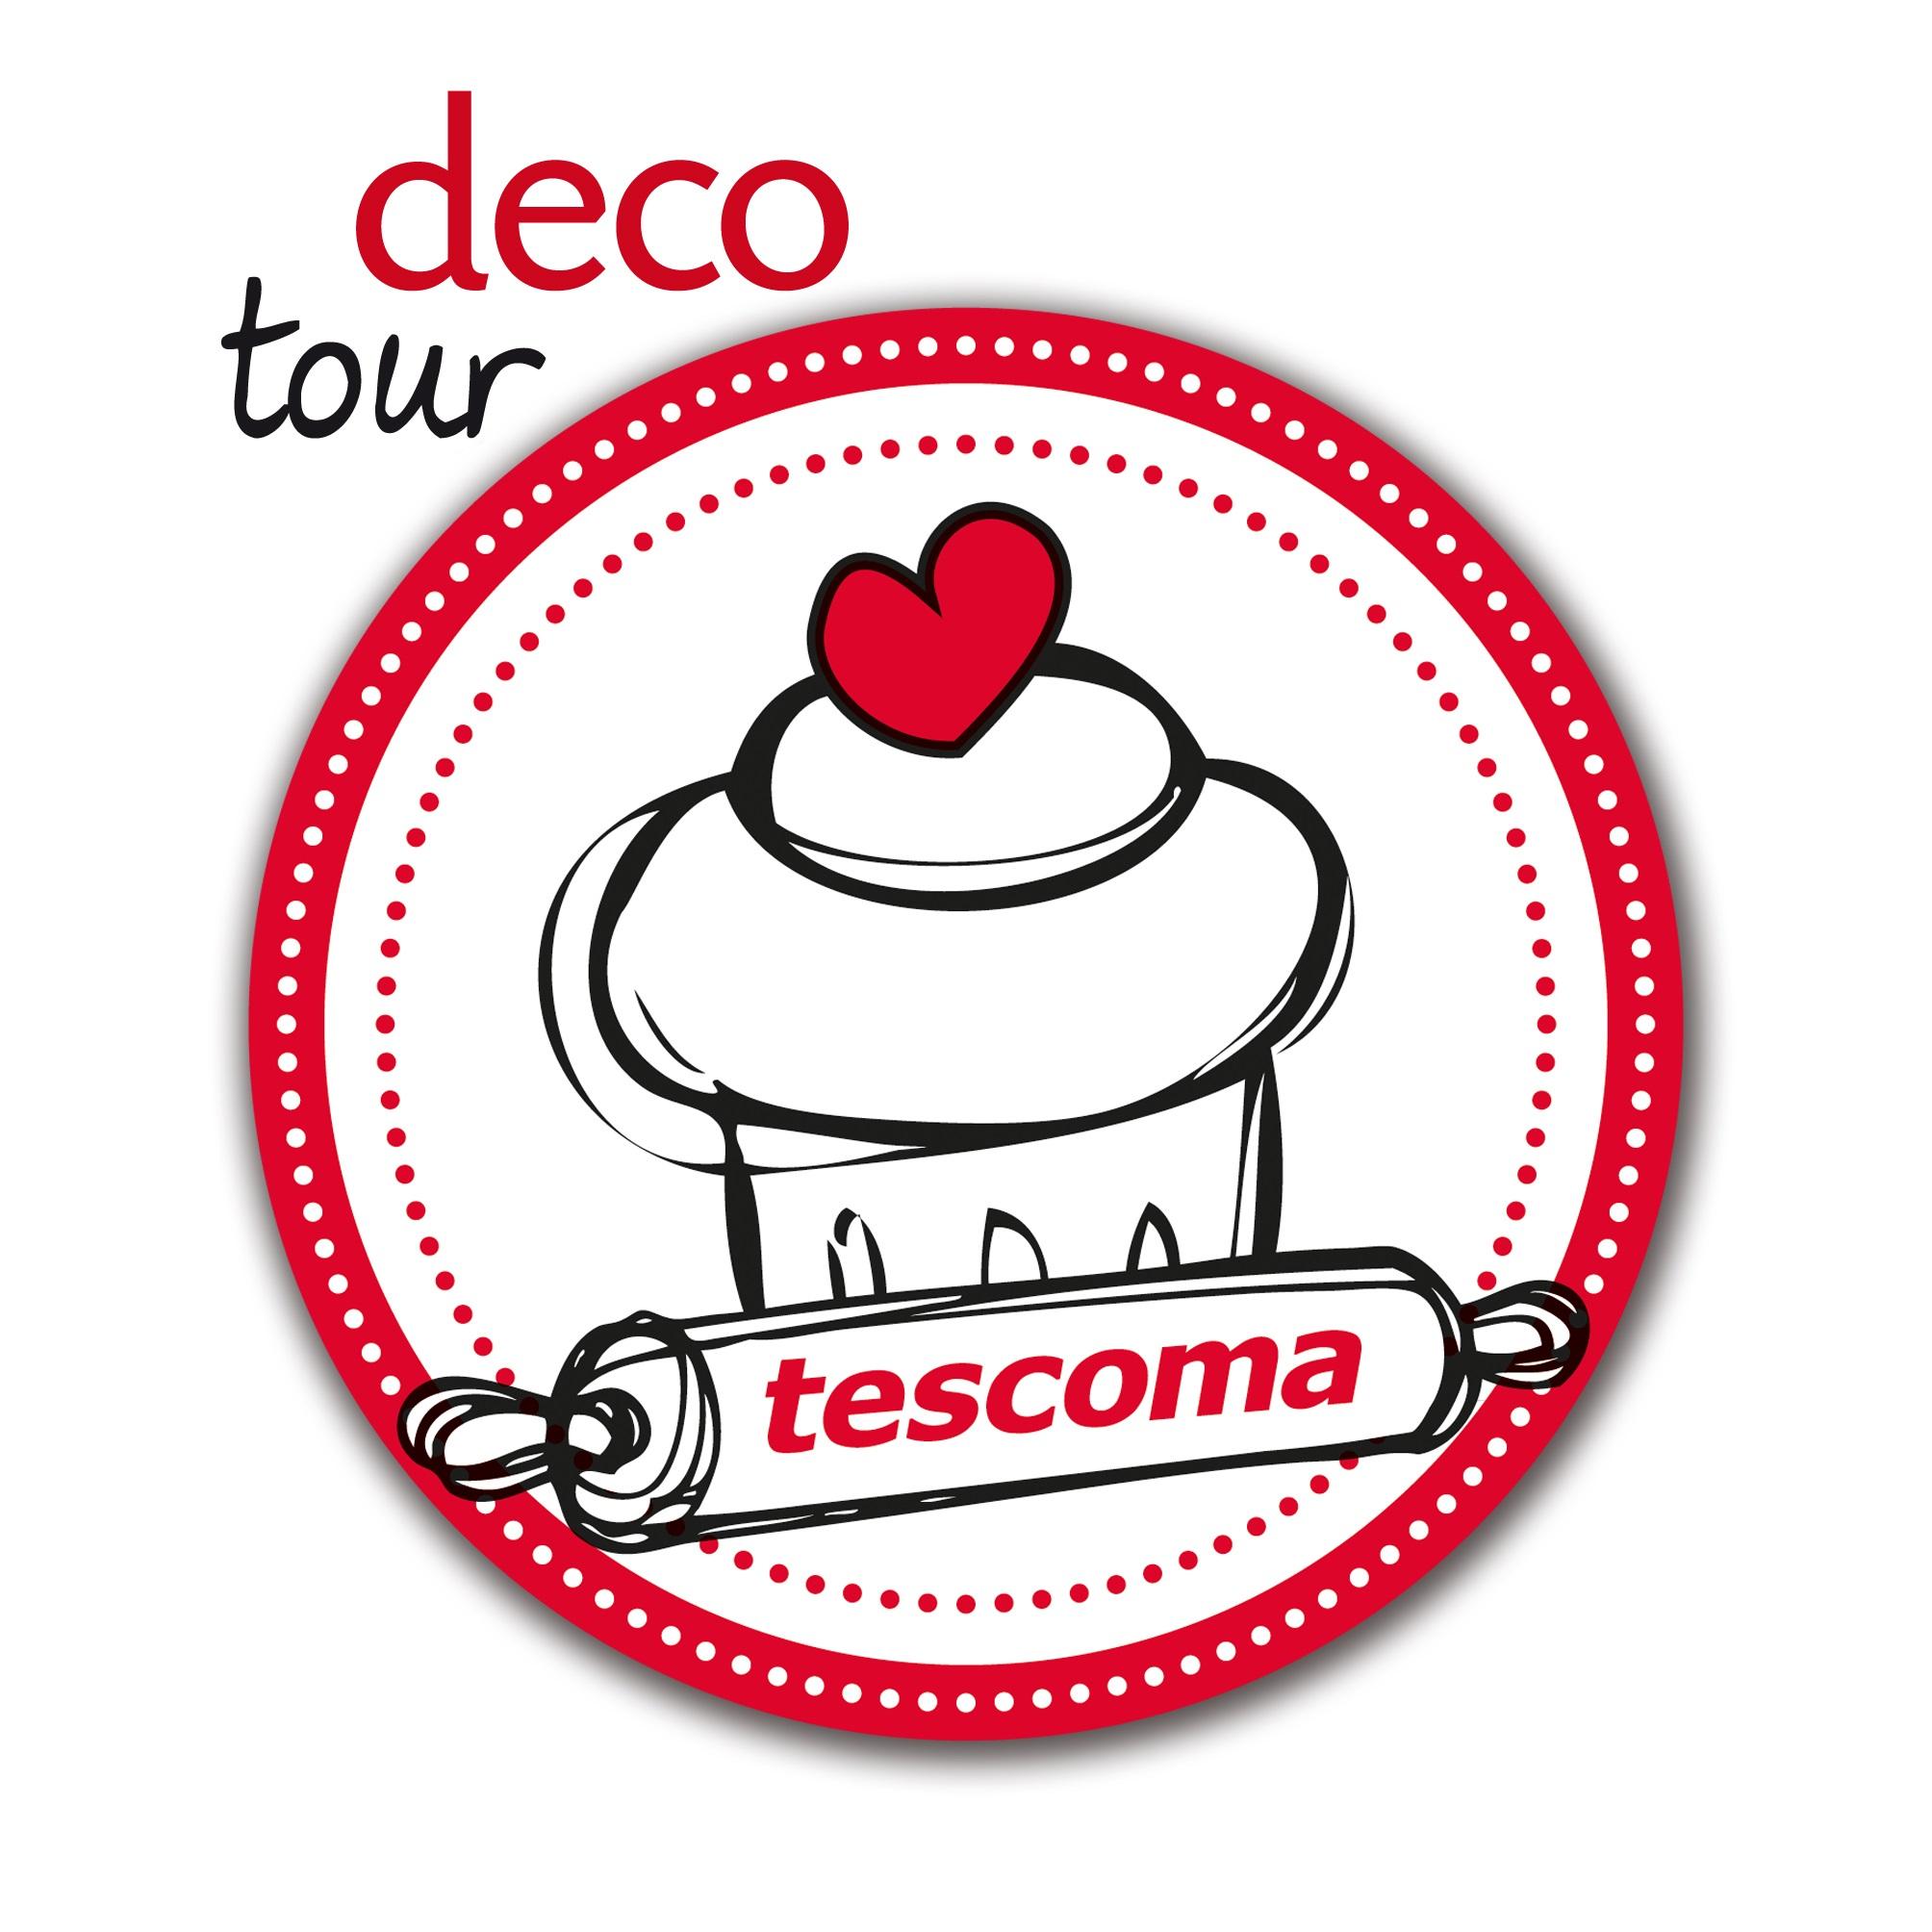 TESCOMA DECO TOUR: per apprendere tutti i trucchi del cake design